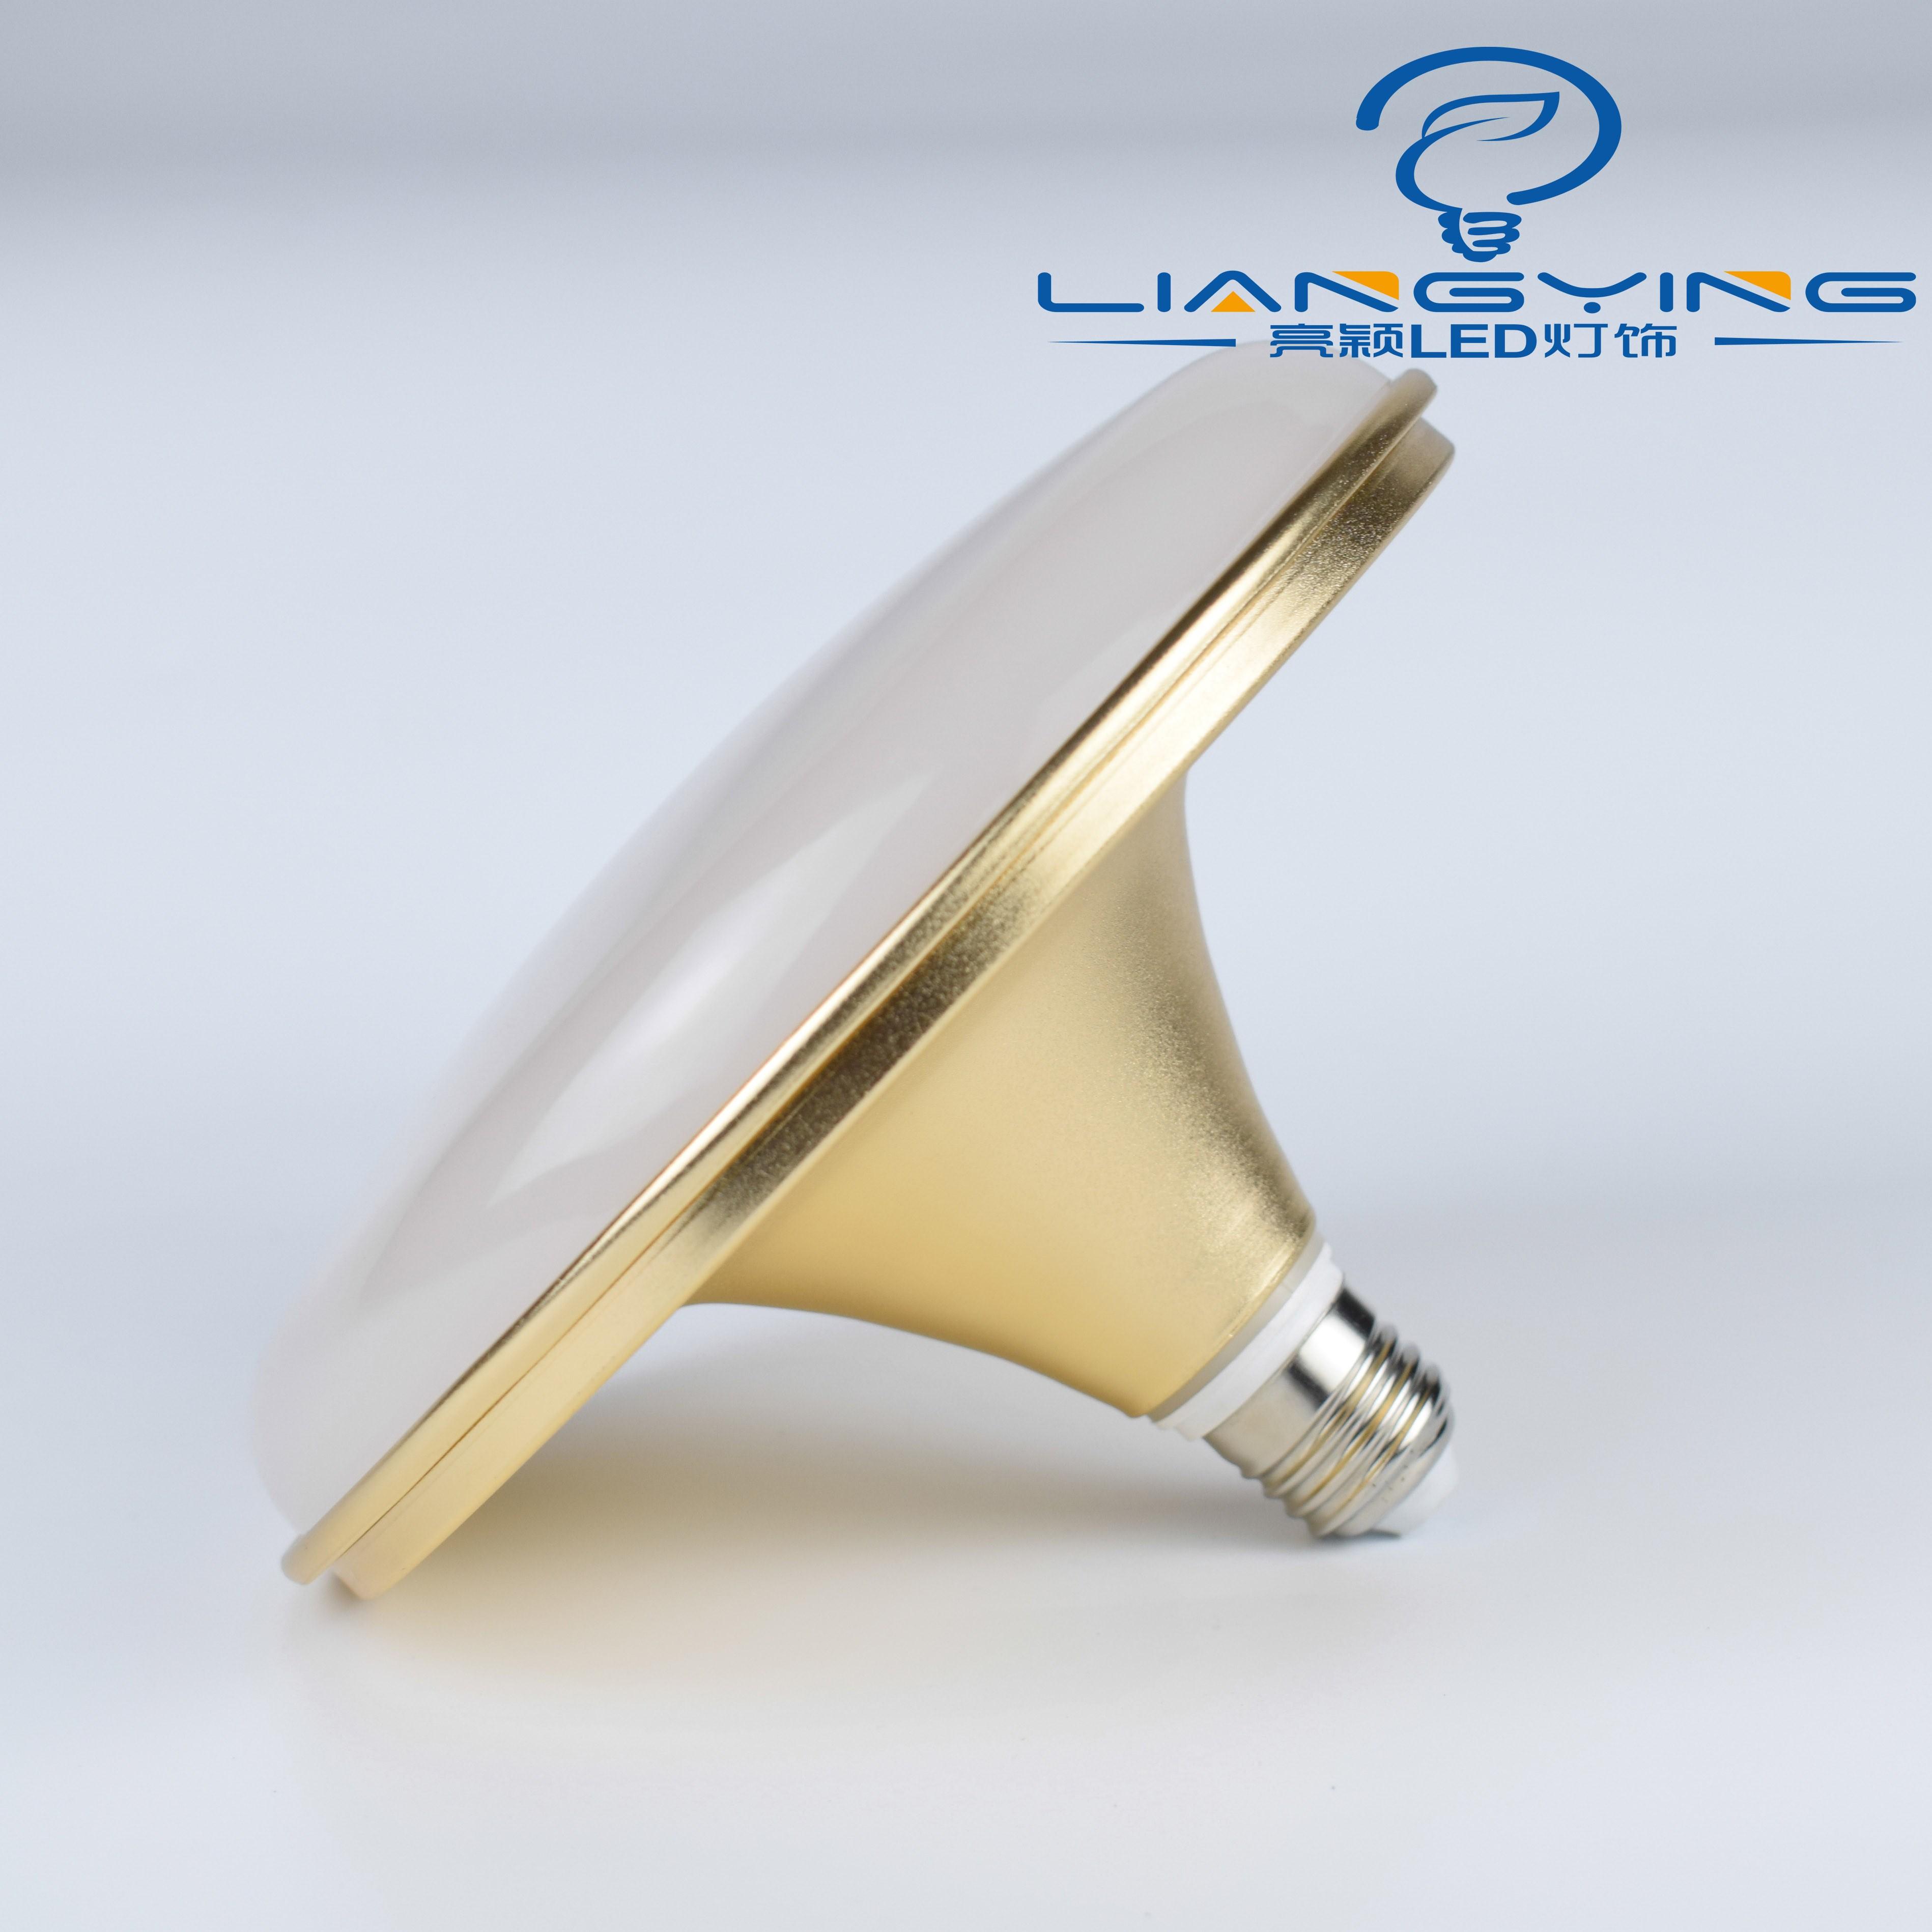 светодиодни лампи с цокъл e27 енергоспестяващи лампи, майната му на големи светлоизлъчваща повърхност на нло лампа полилей фабрика за осветление голяма сила води една лампа